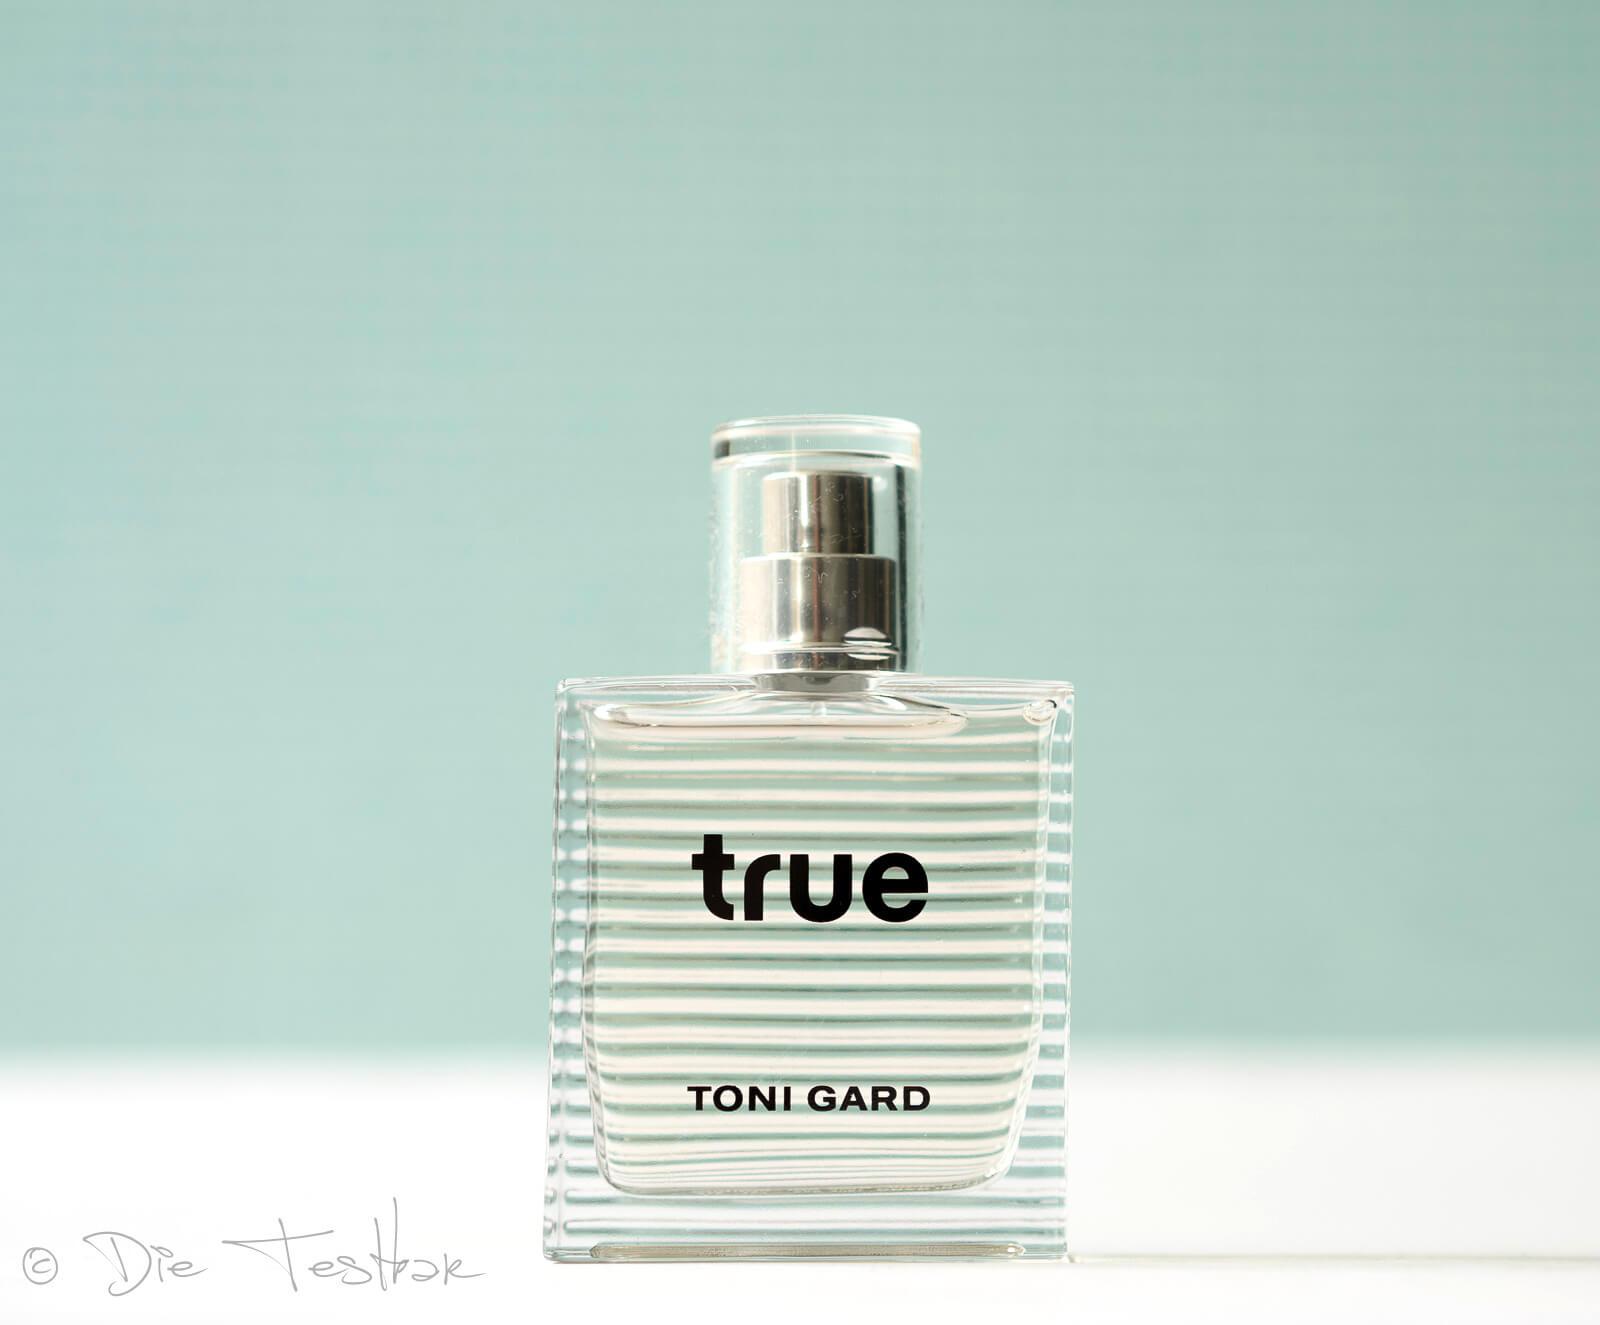 Toni Gard - true - Ein Duft der wahrhaftigkeit symbolisiert